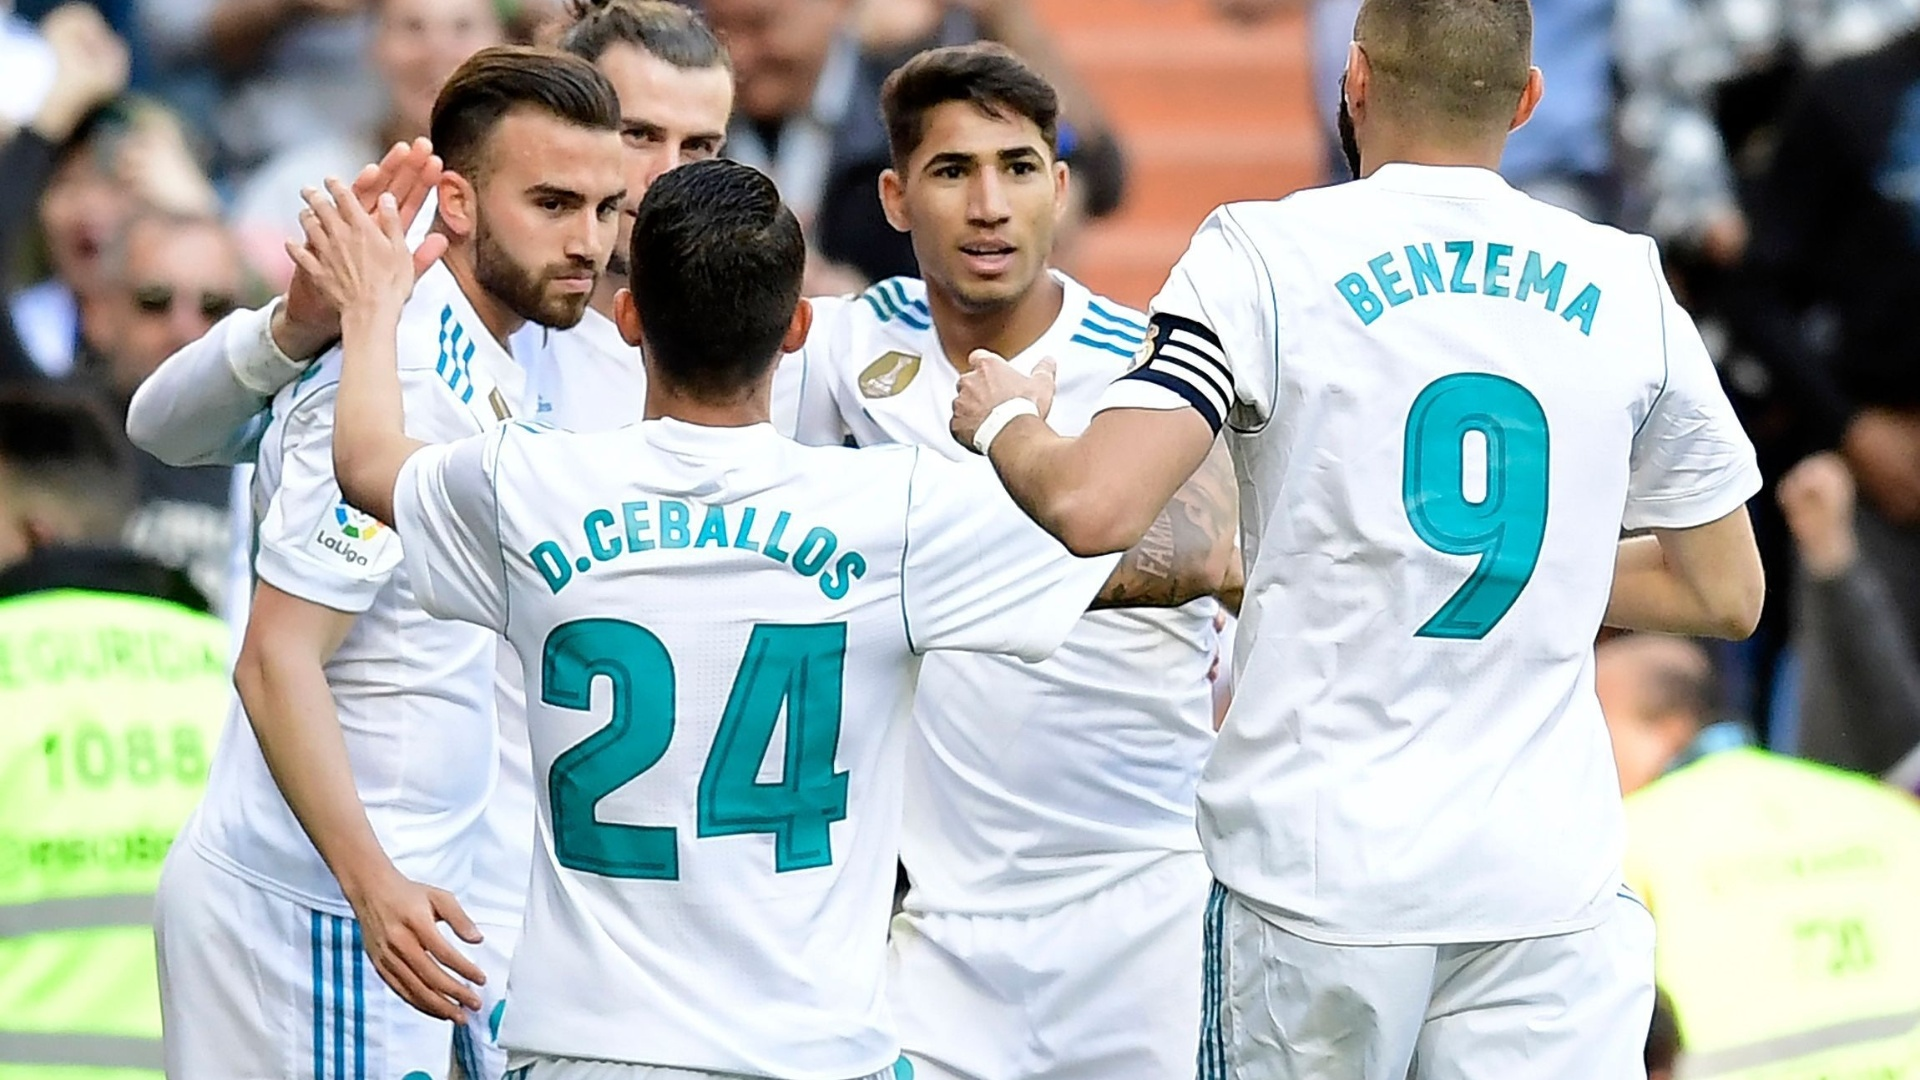 Jogadores do Real Madrid celebram o gol marcado por Bale